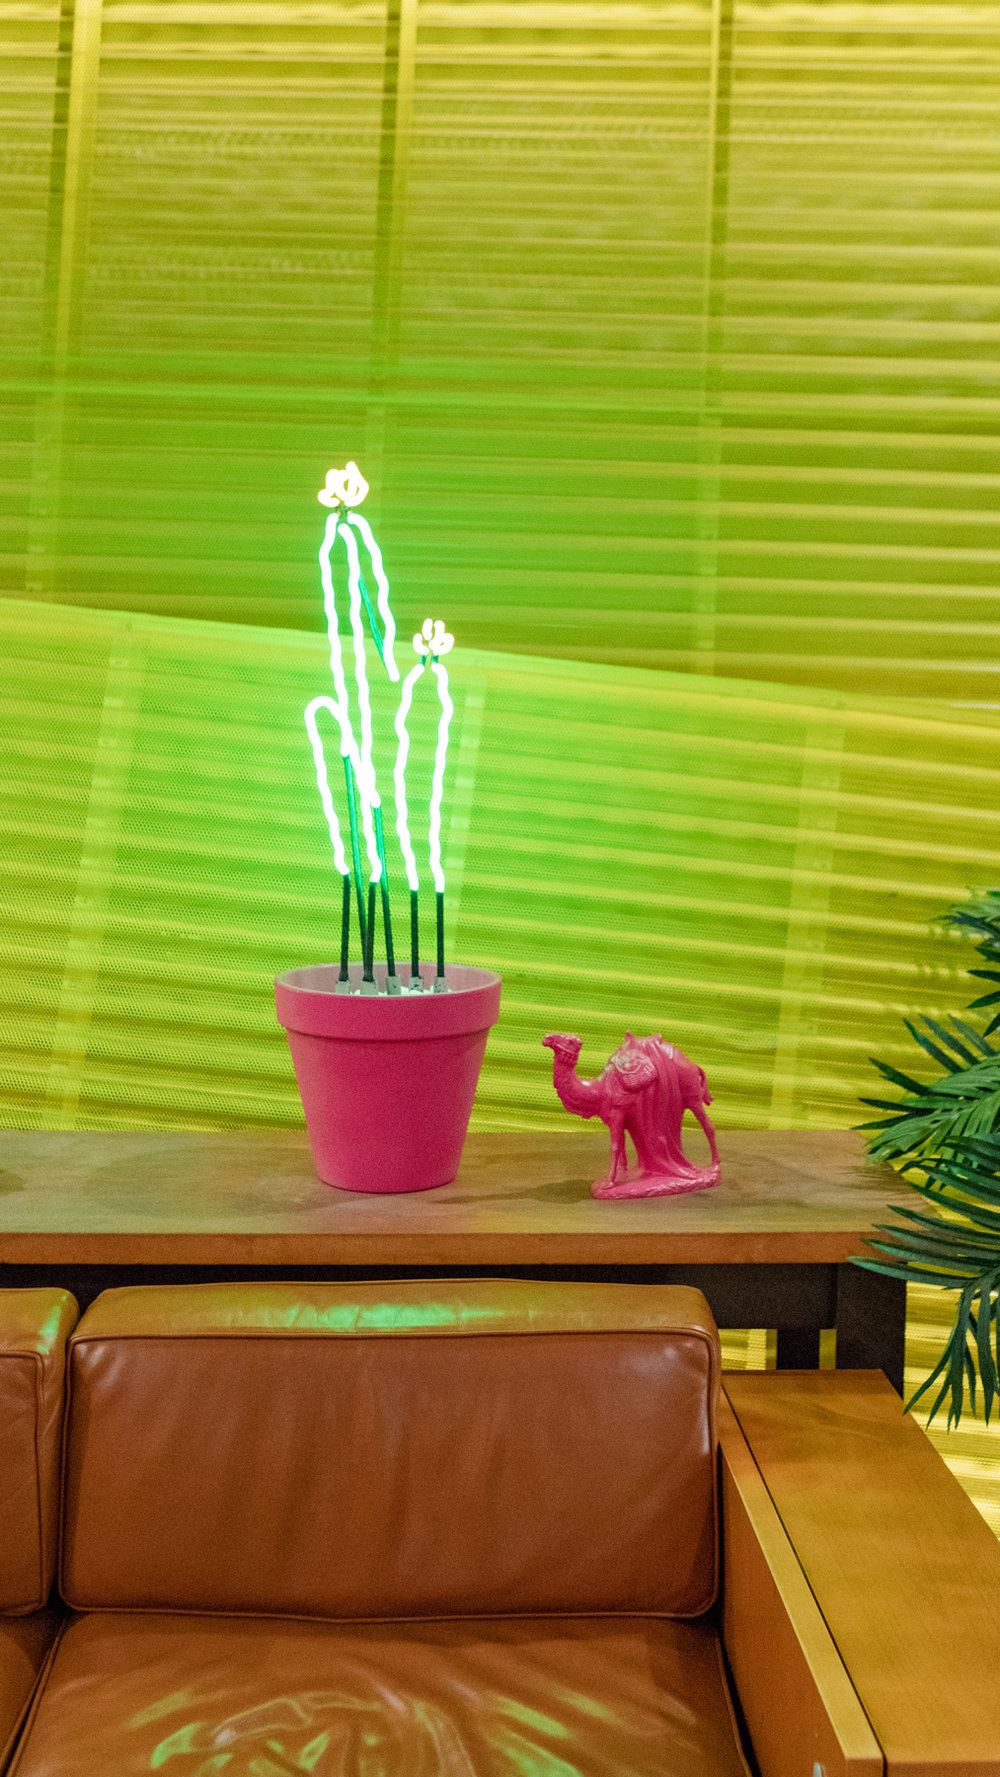 SaguaroPalmSprings-11.jpg